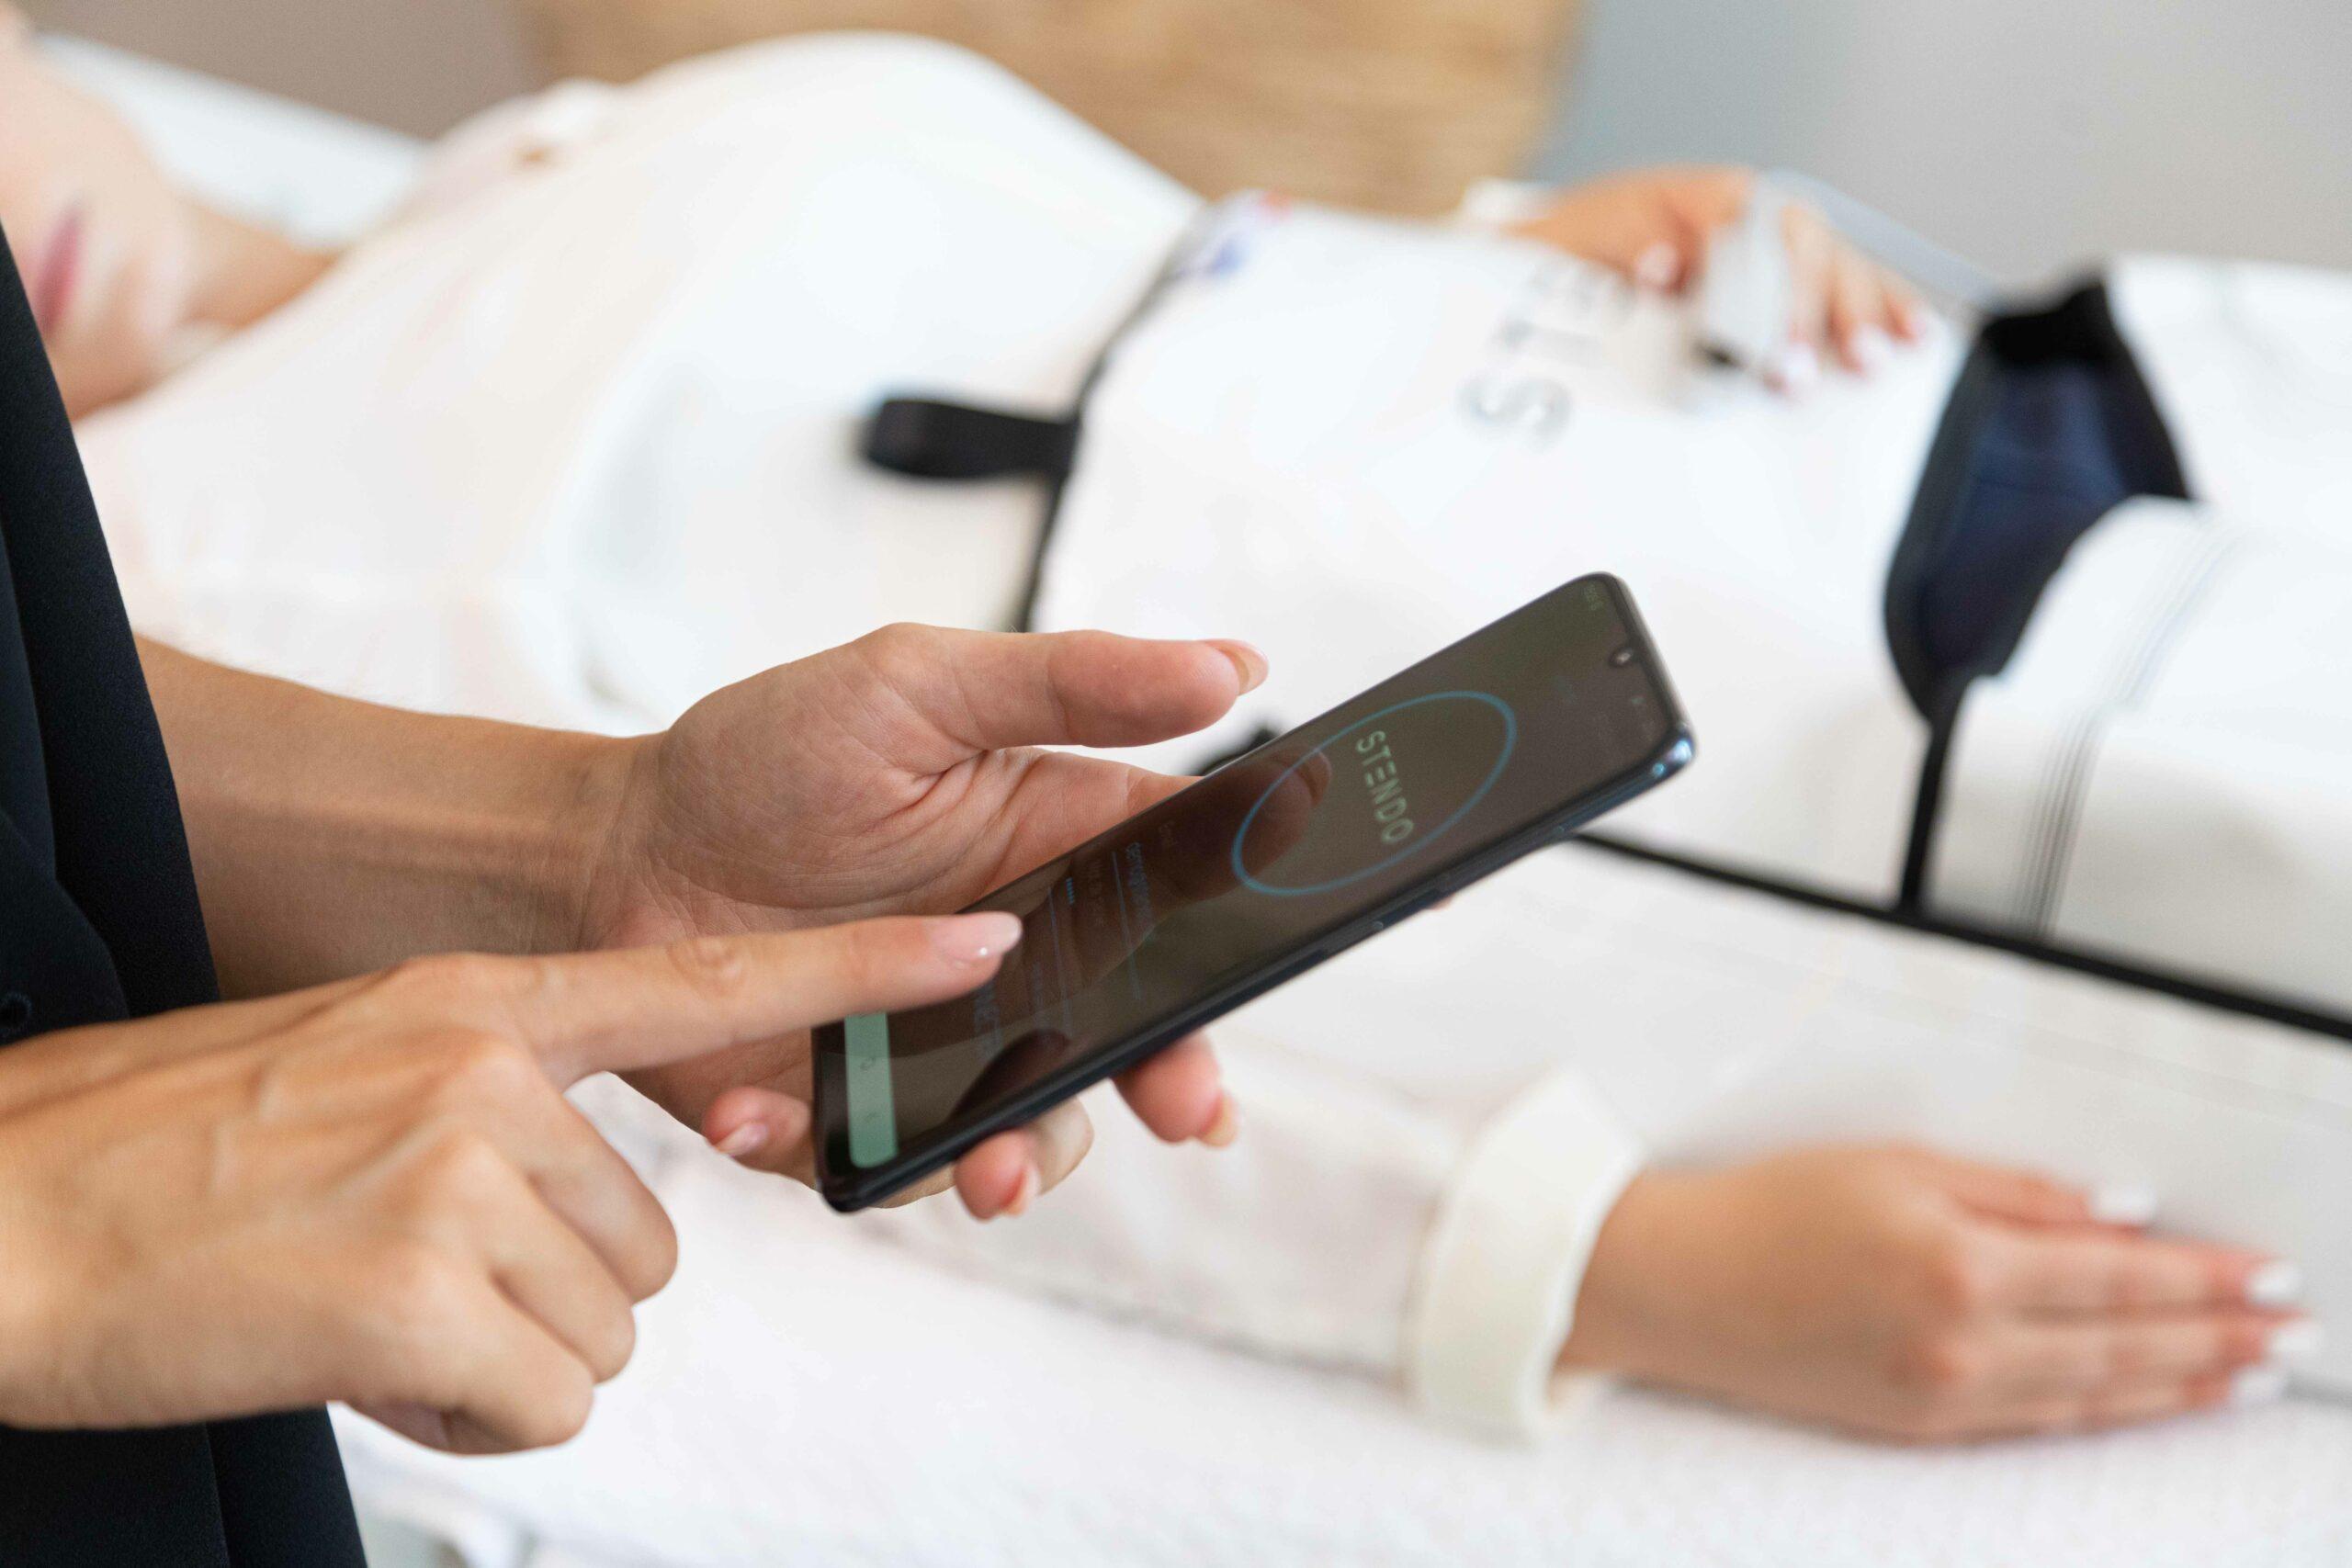 pulsothérapie portable stendo